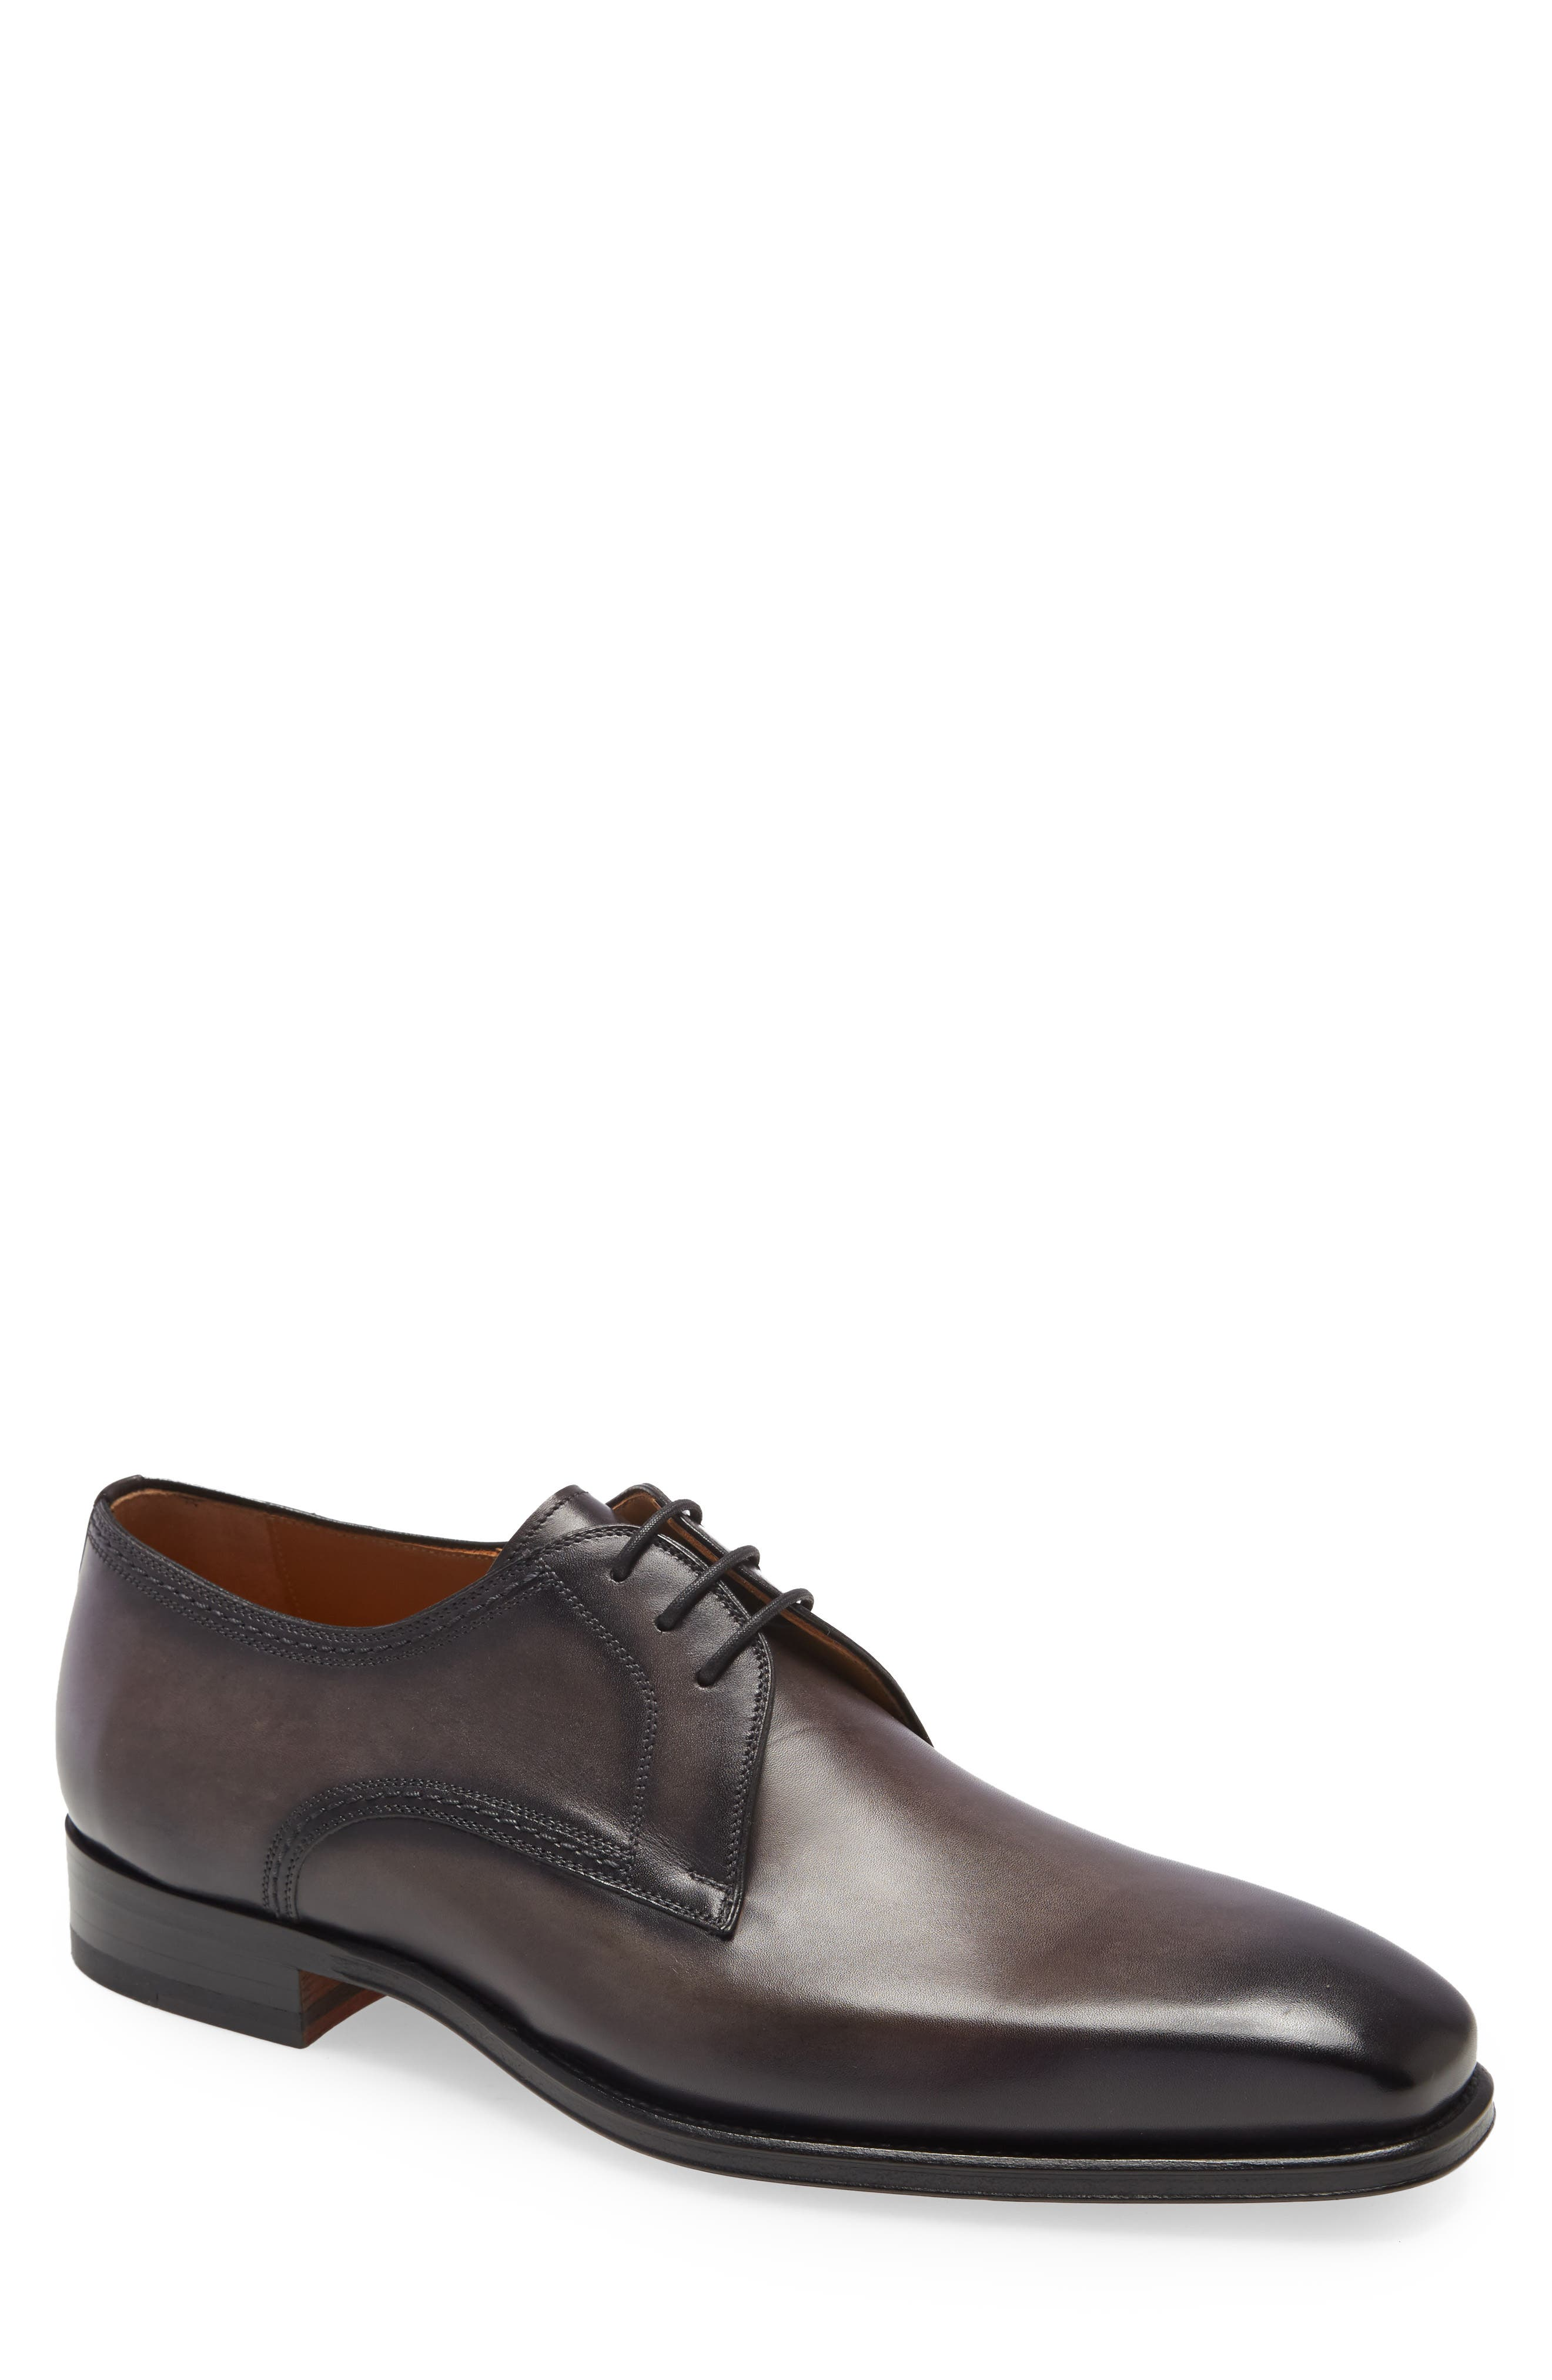 Men's Magnanni Shoes Sale \u0026 Clearance